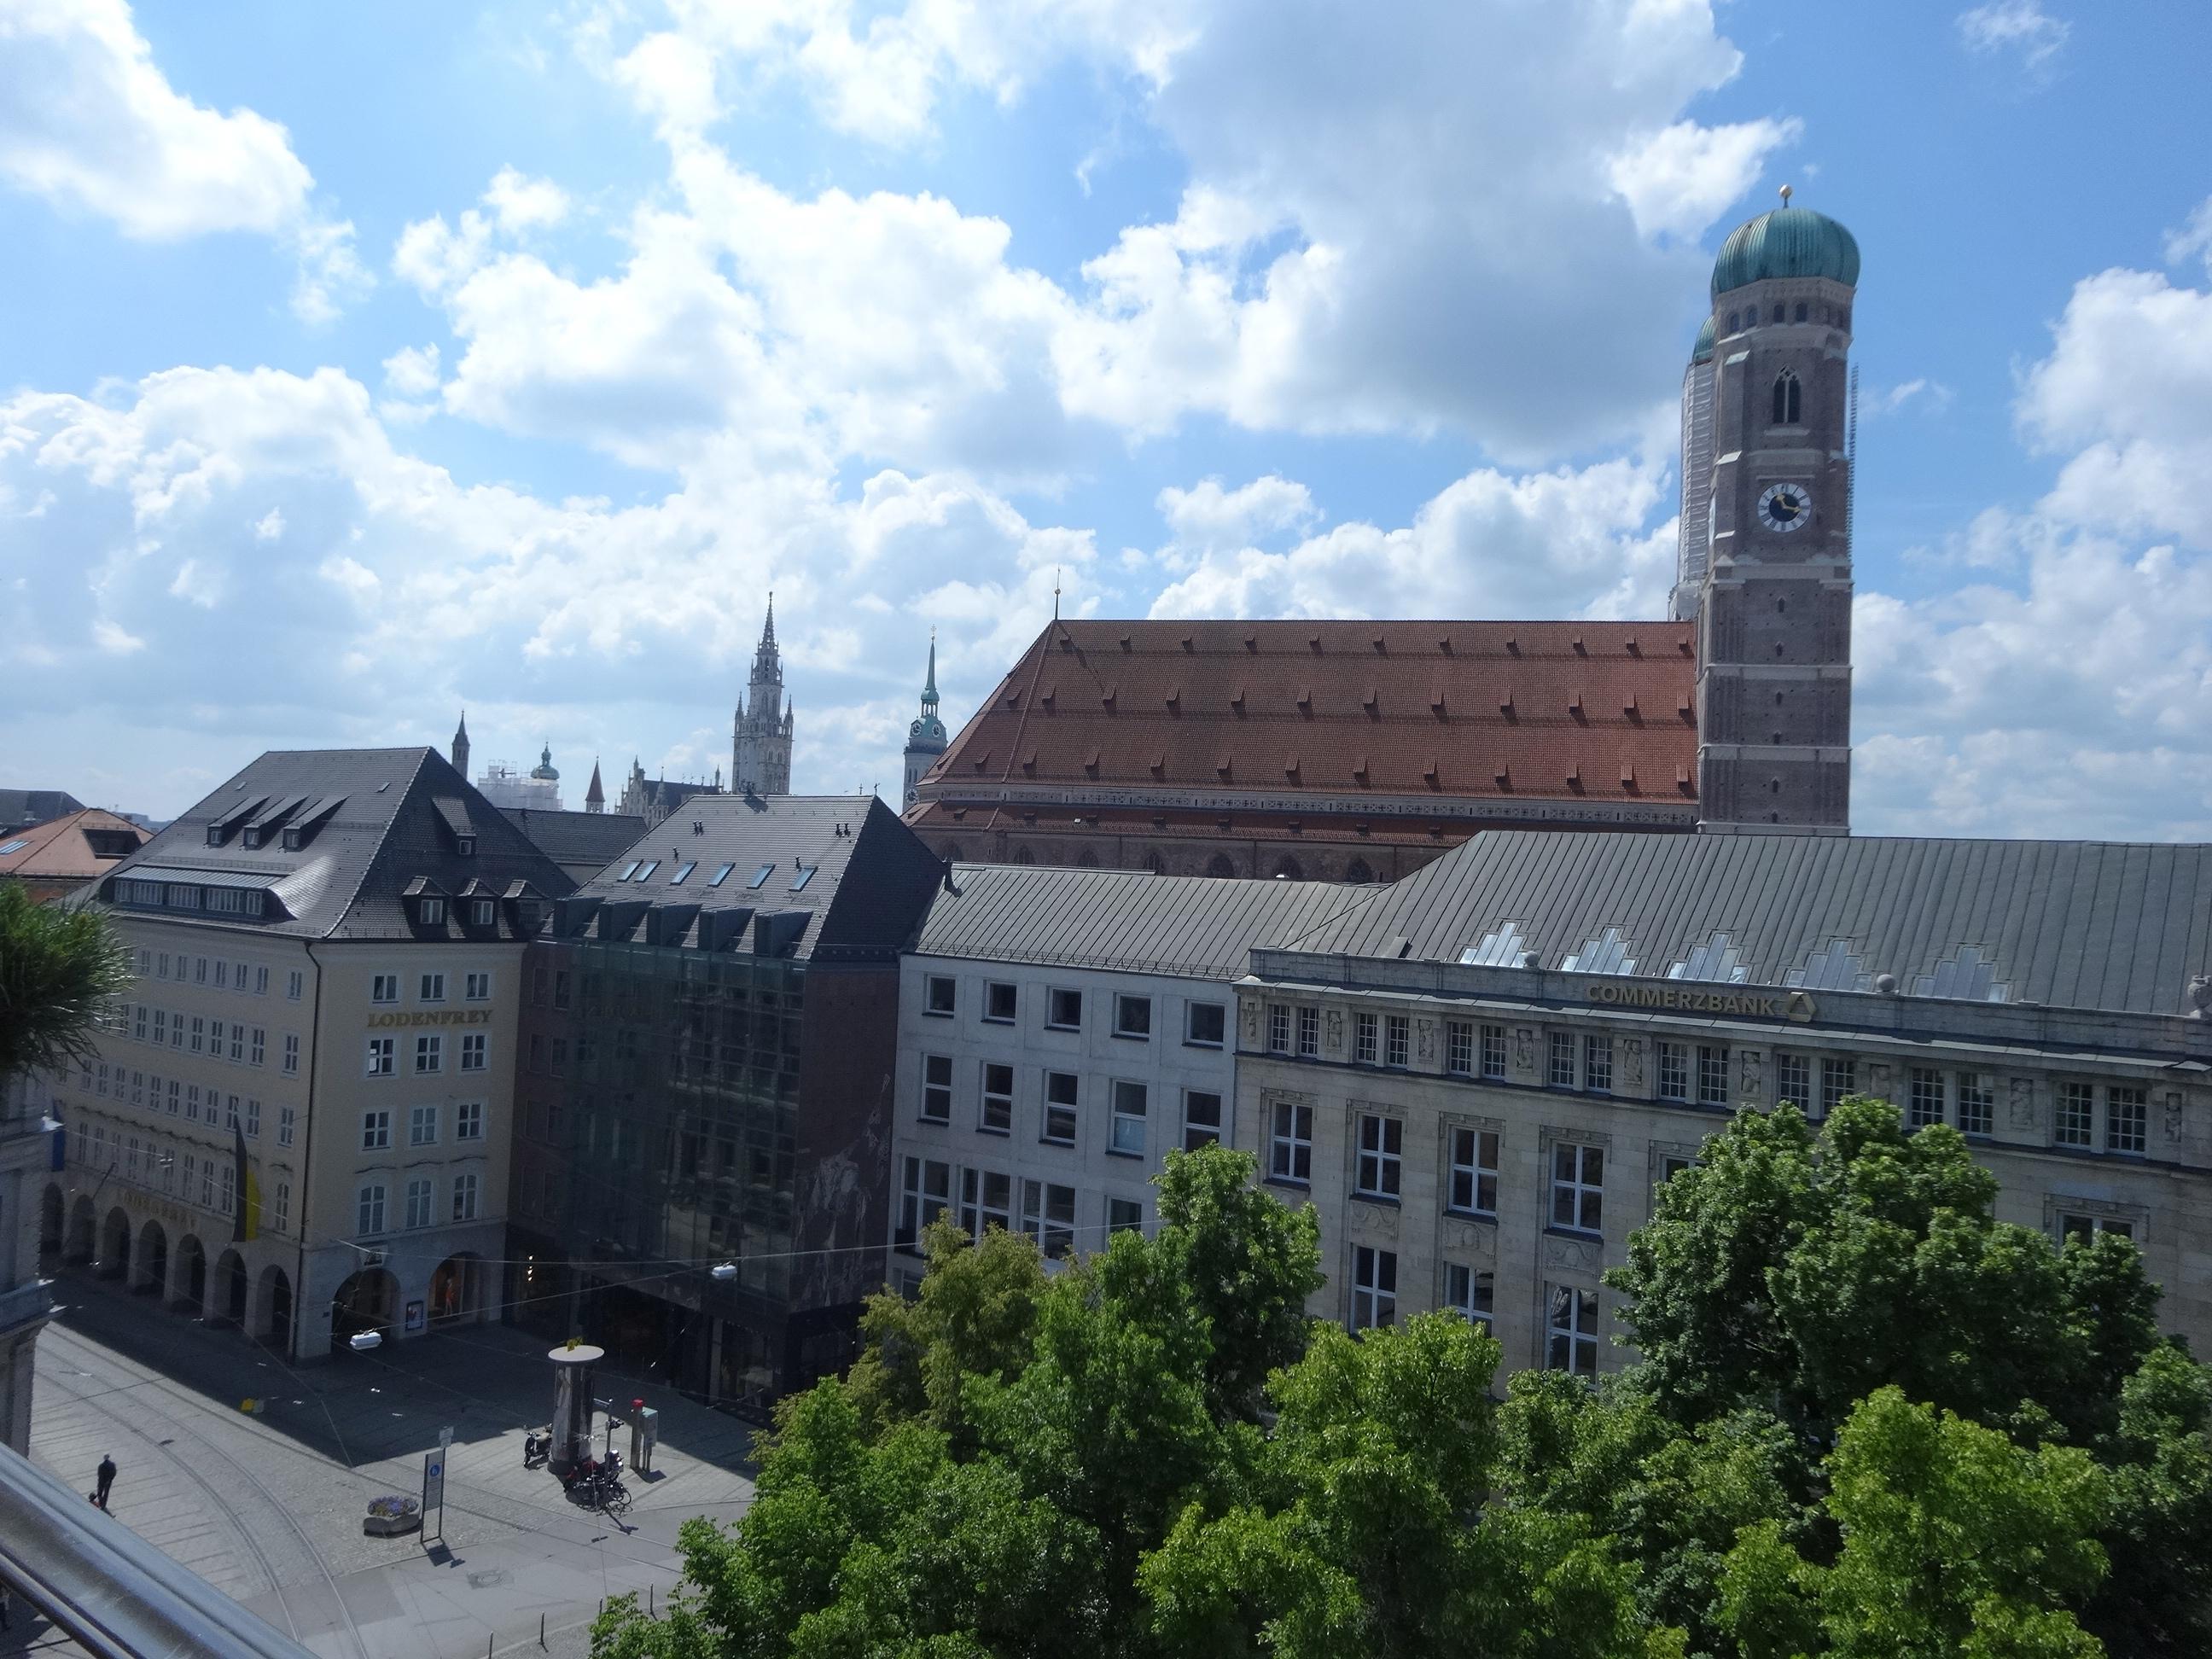 Bayerischer Hof Dachterasse - Blick auf die Frauenkirche